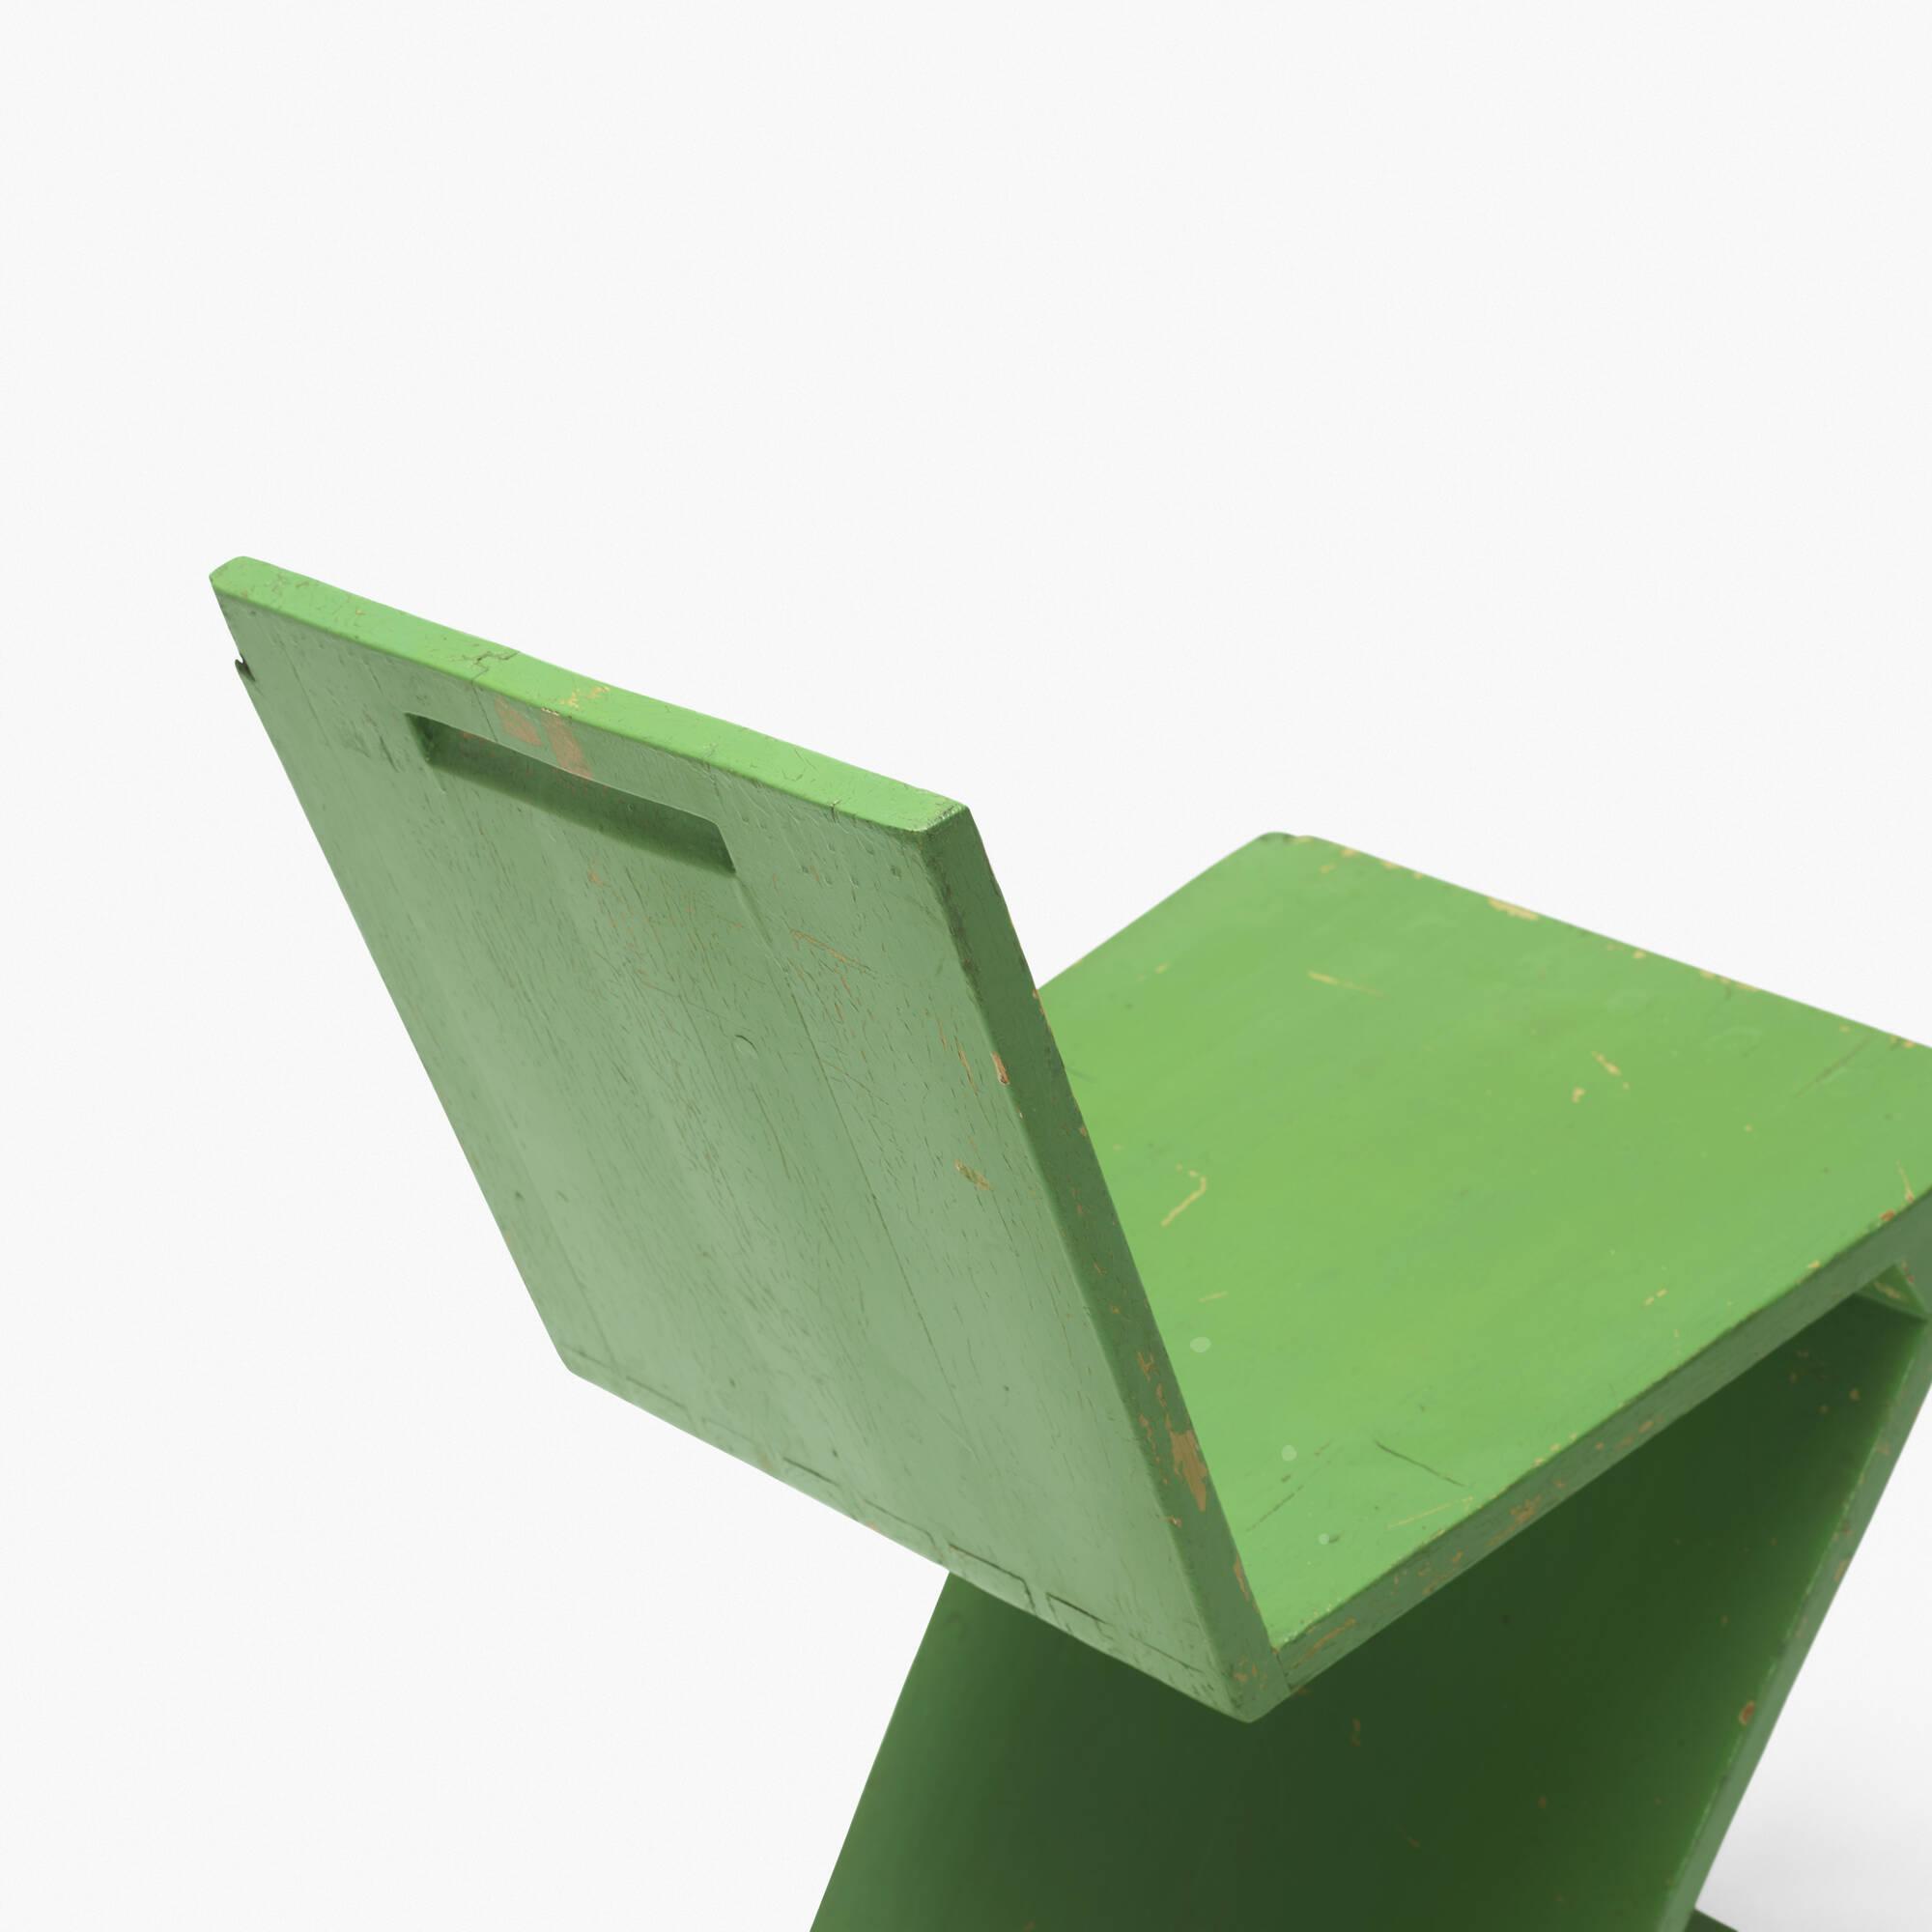 256: Gerrit Rietveld / Zig Zag chair (3 of 3)